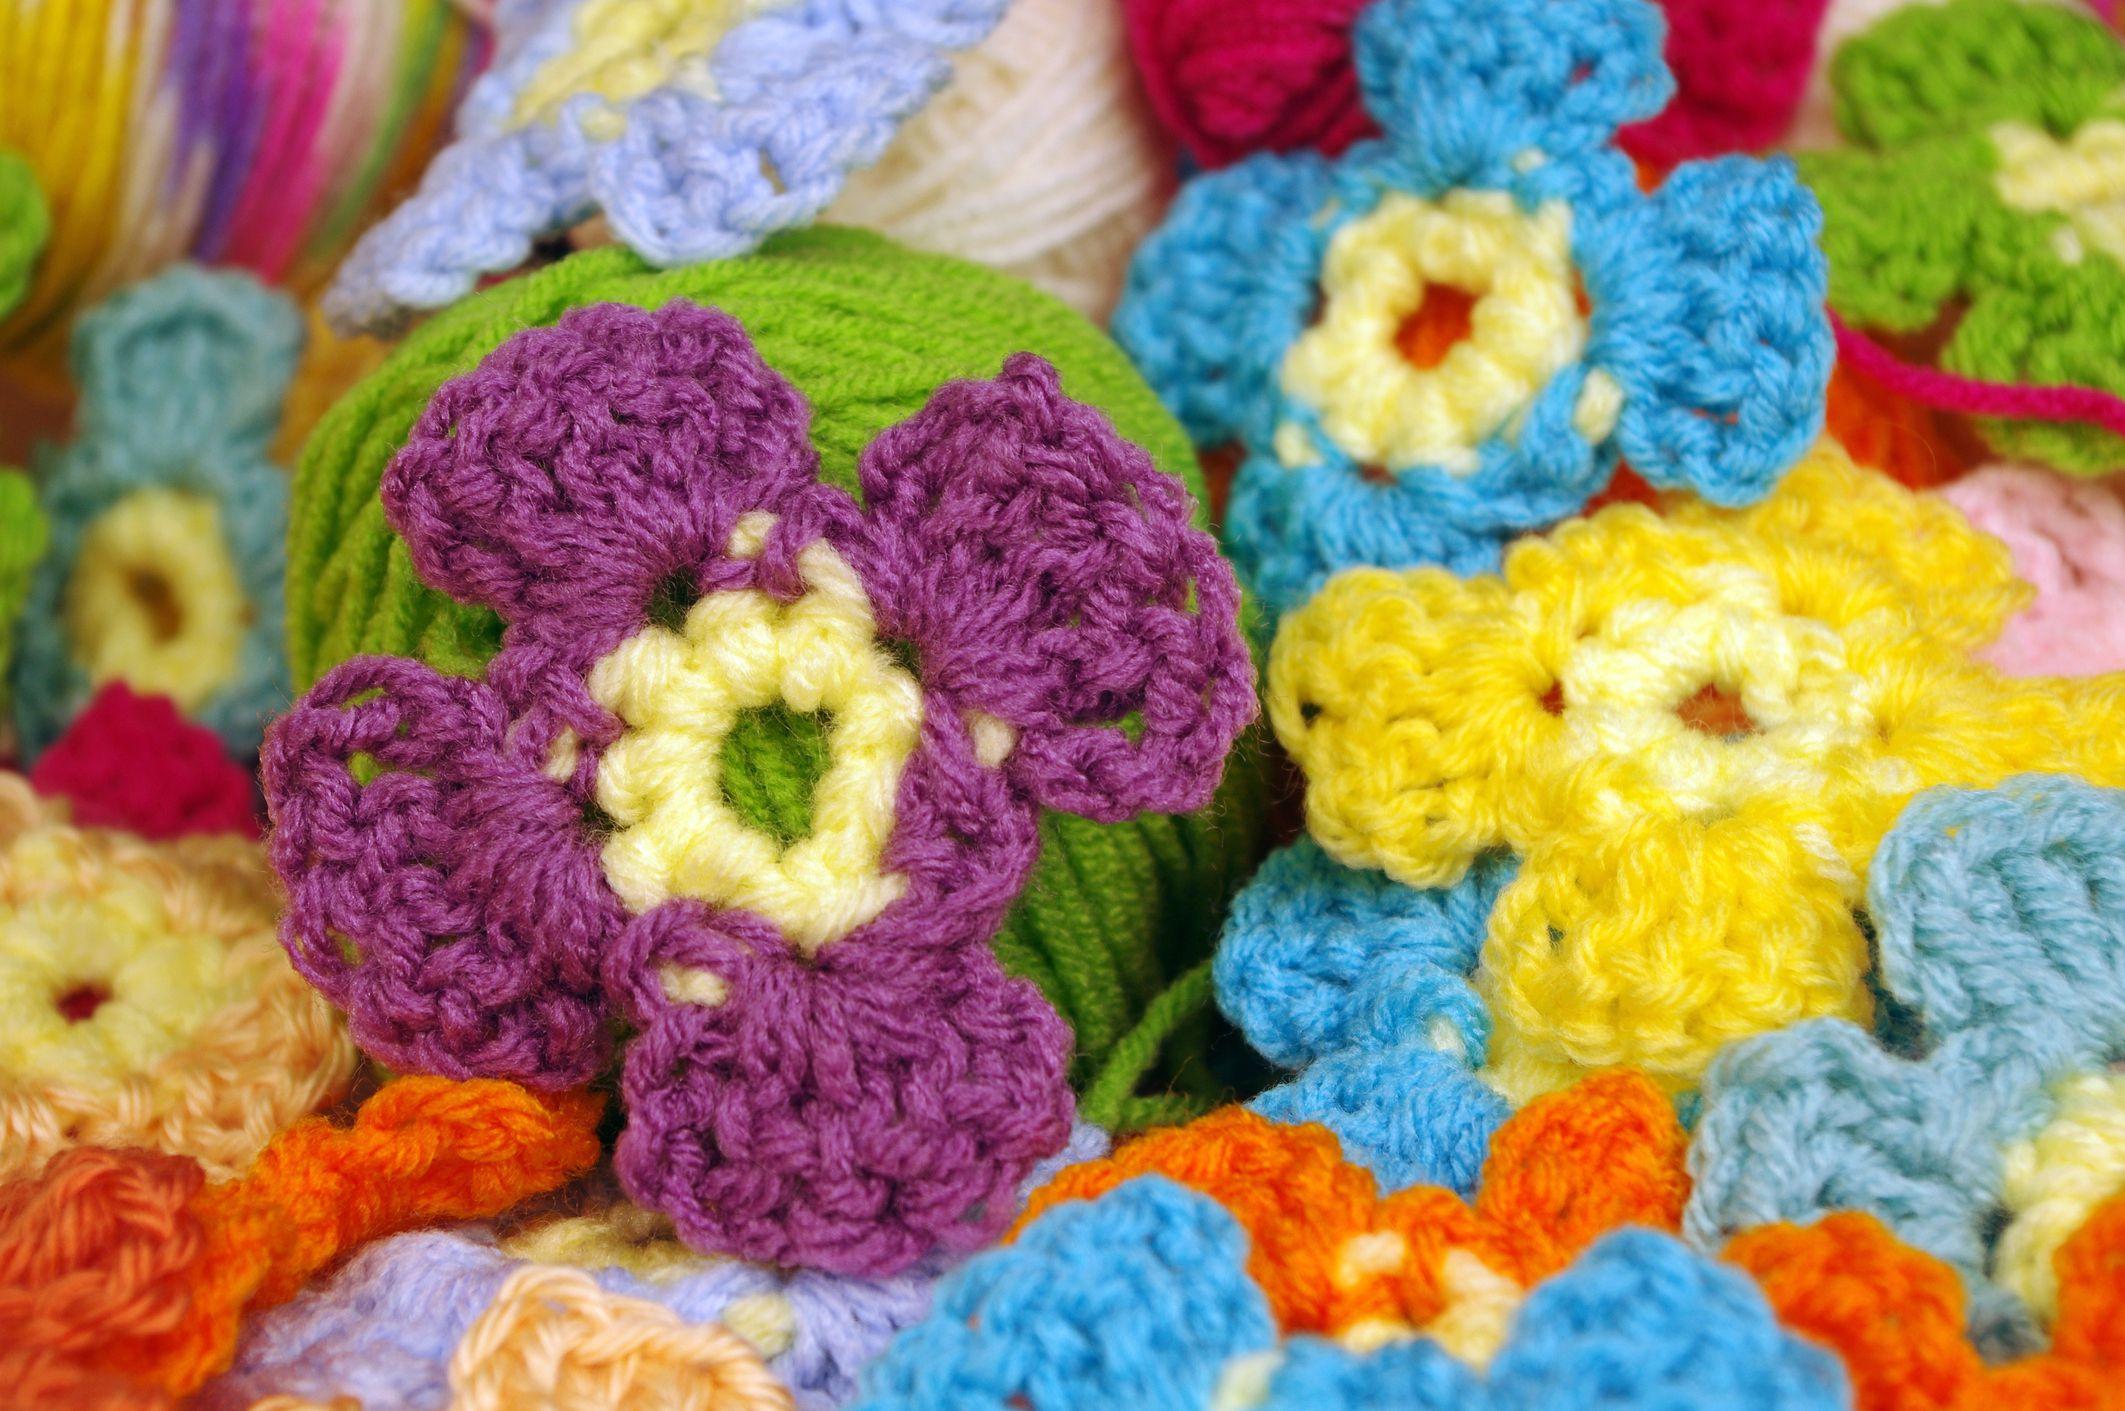 How To Attach A Crochet Applique